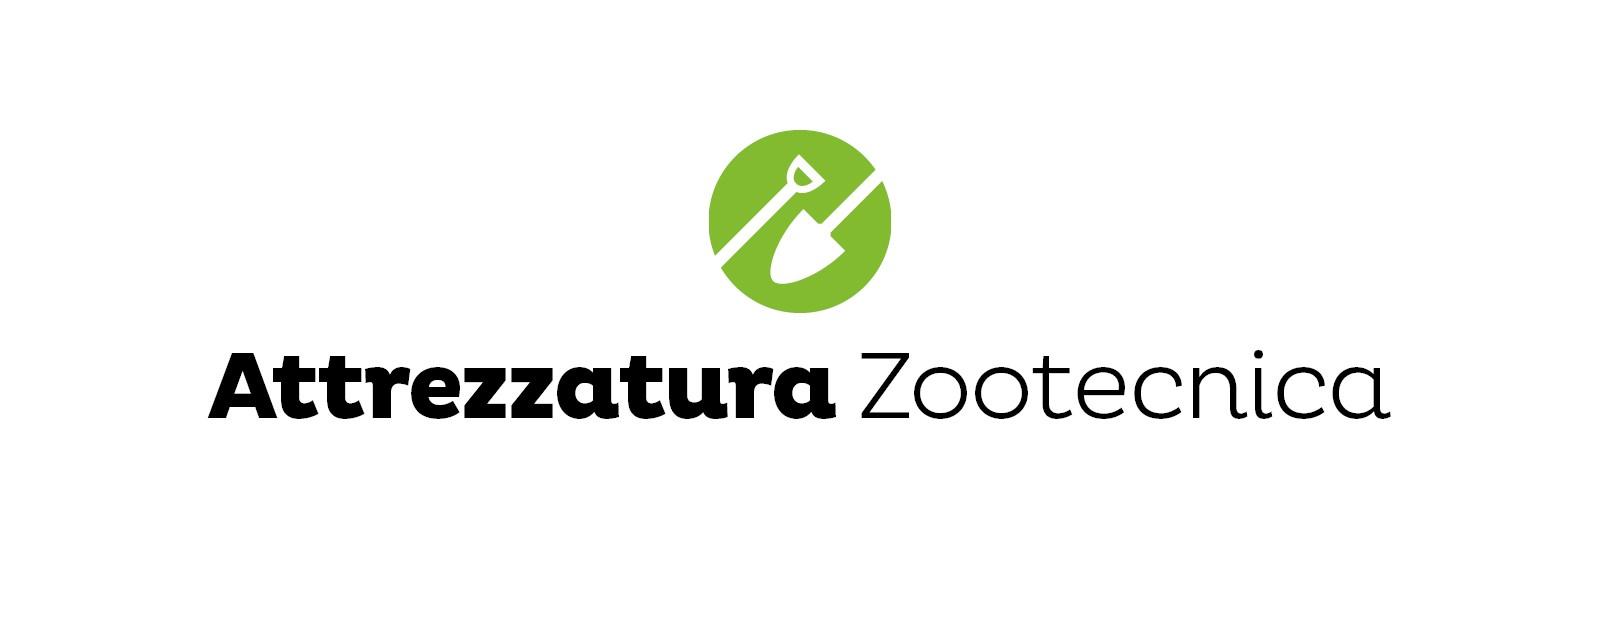 Attrezzatura Zootecnica